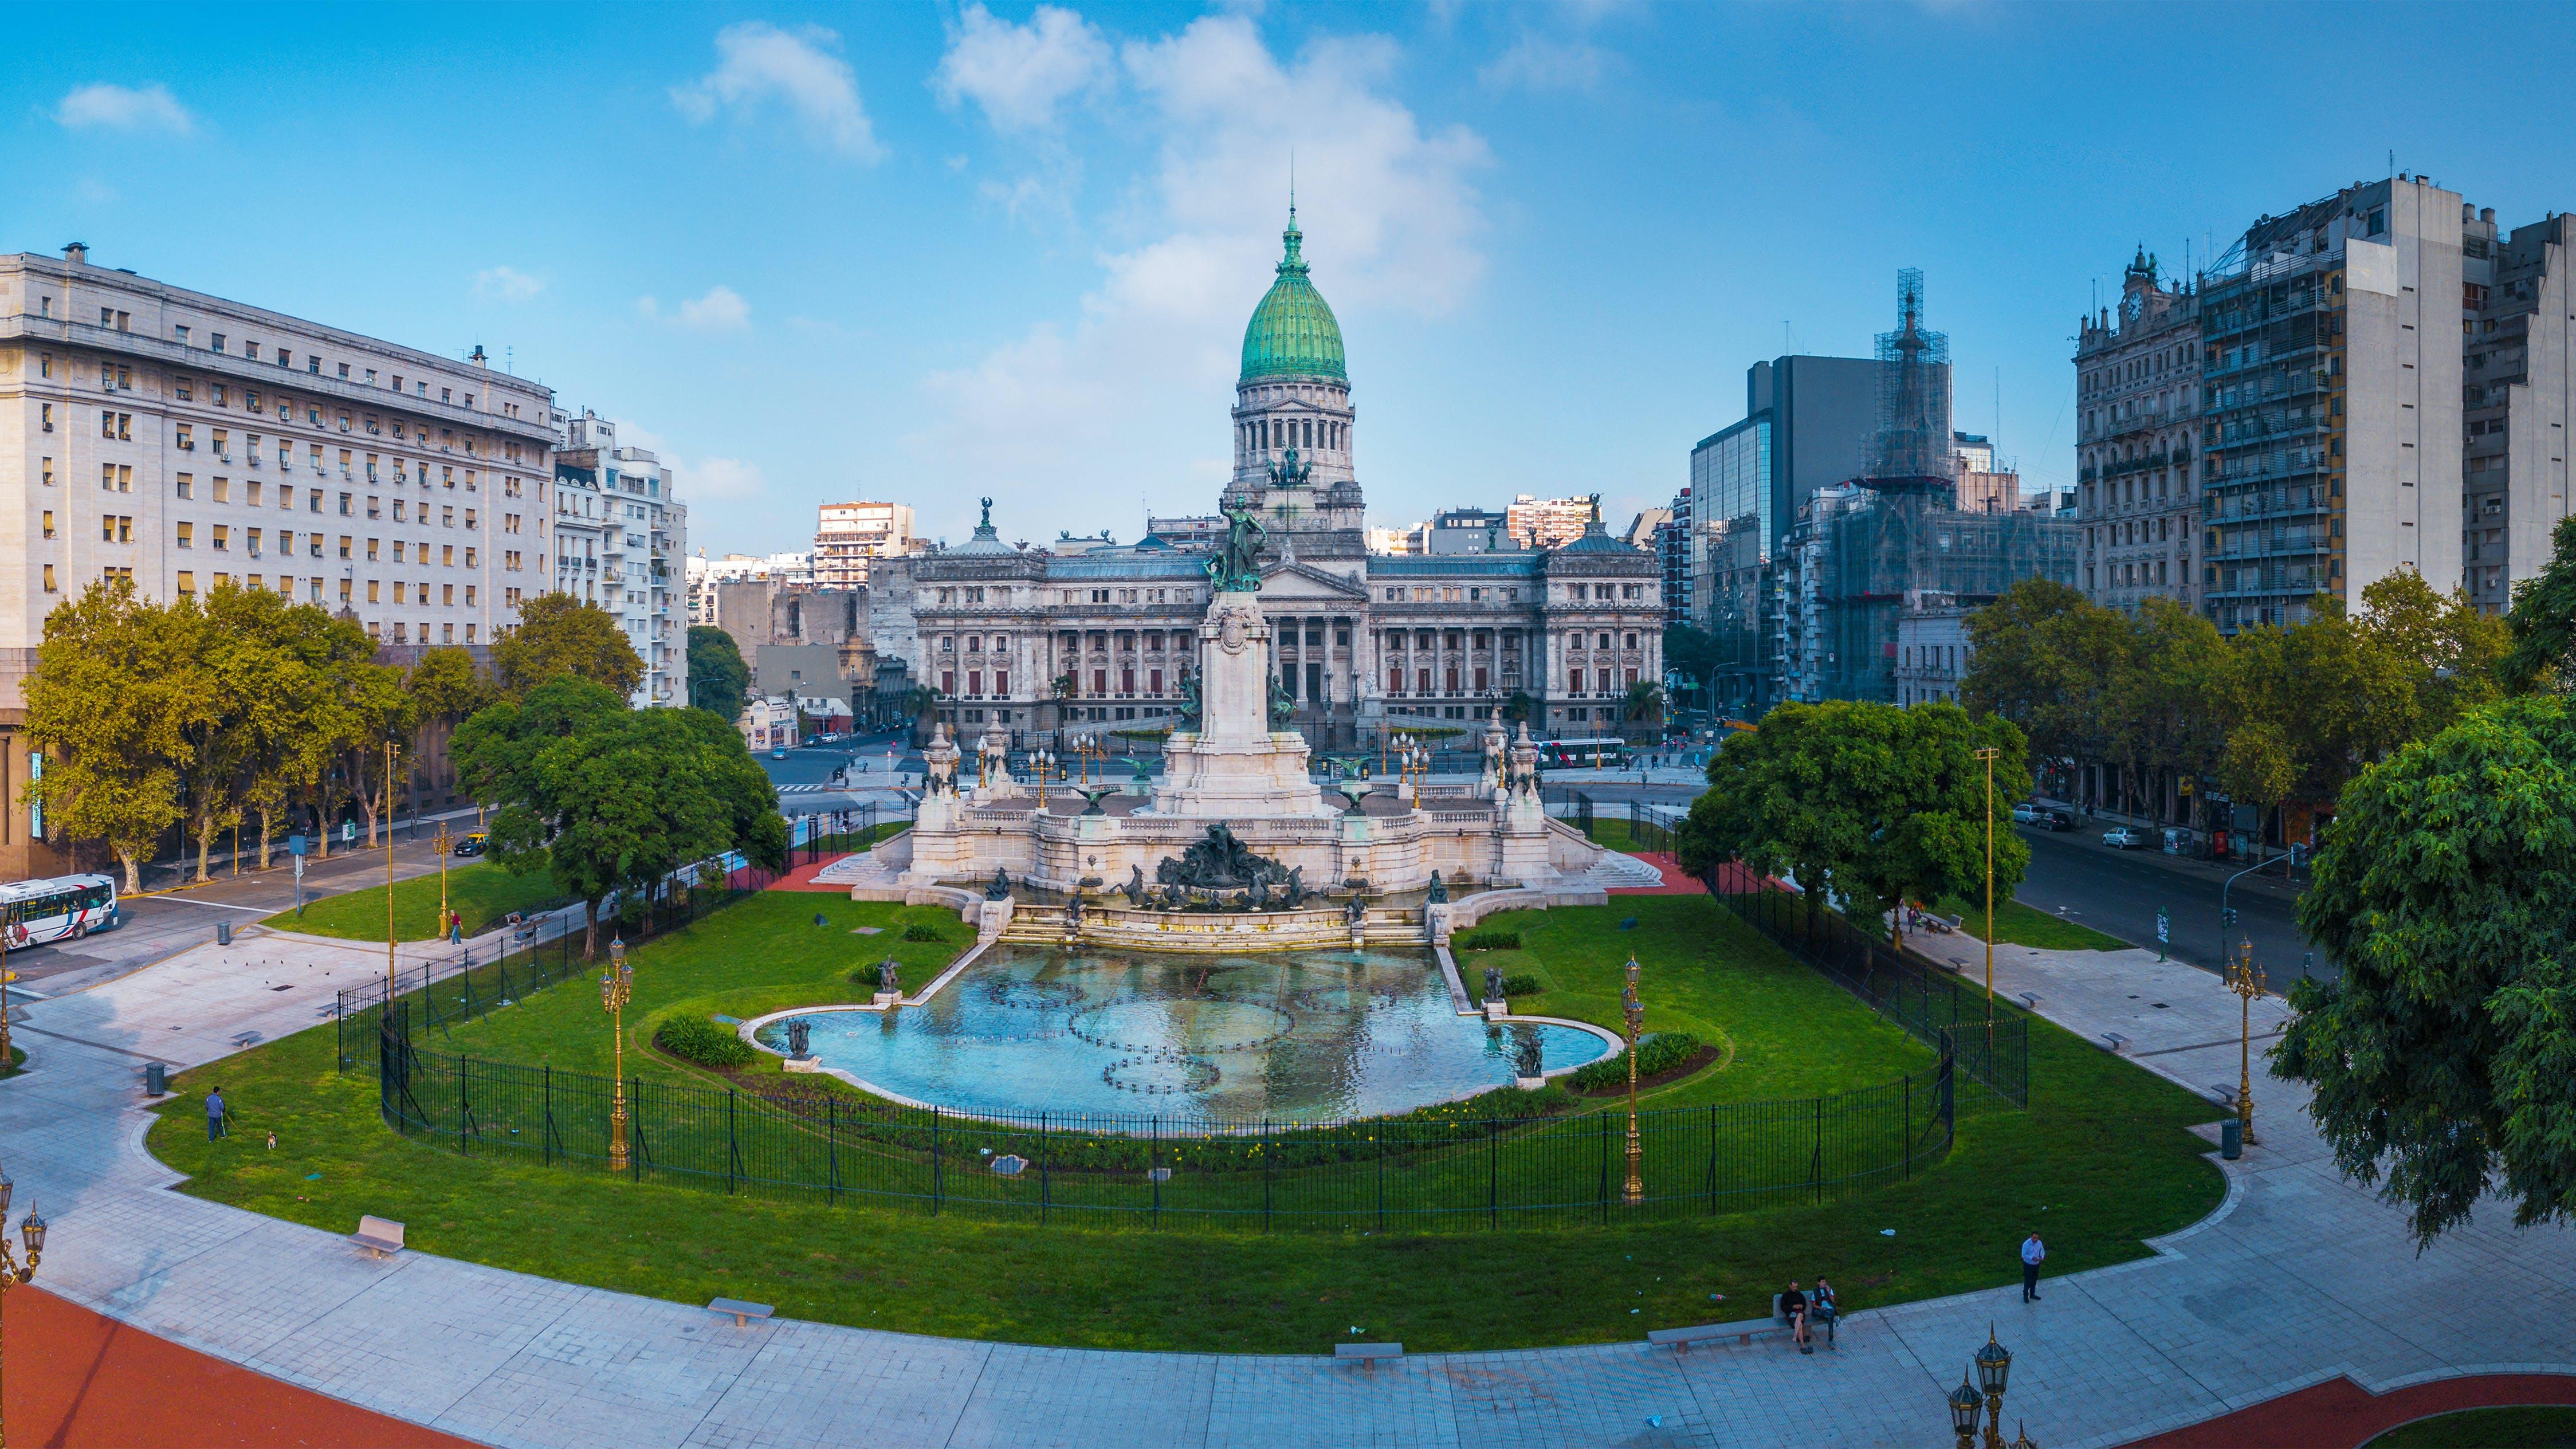 ¿Vives en Buenos Aires? ¡Cuenta tu historia!